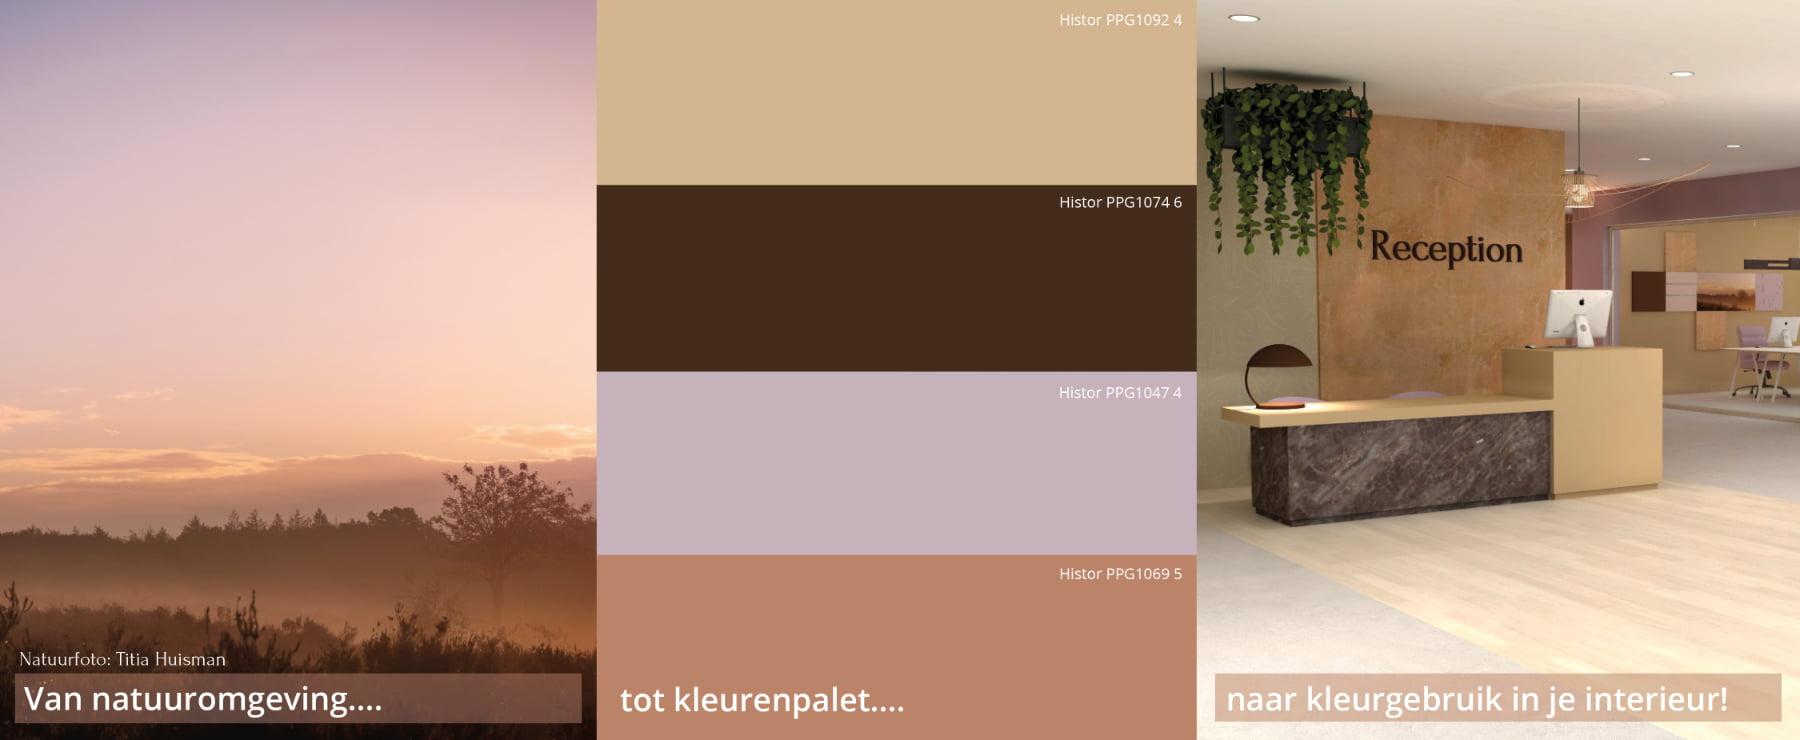 Natuuromgeving Kleurenpalet Interieurkleuren